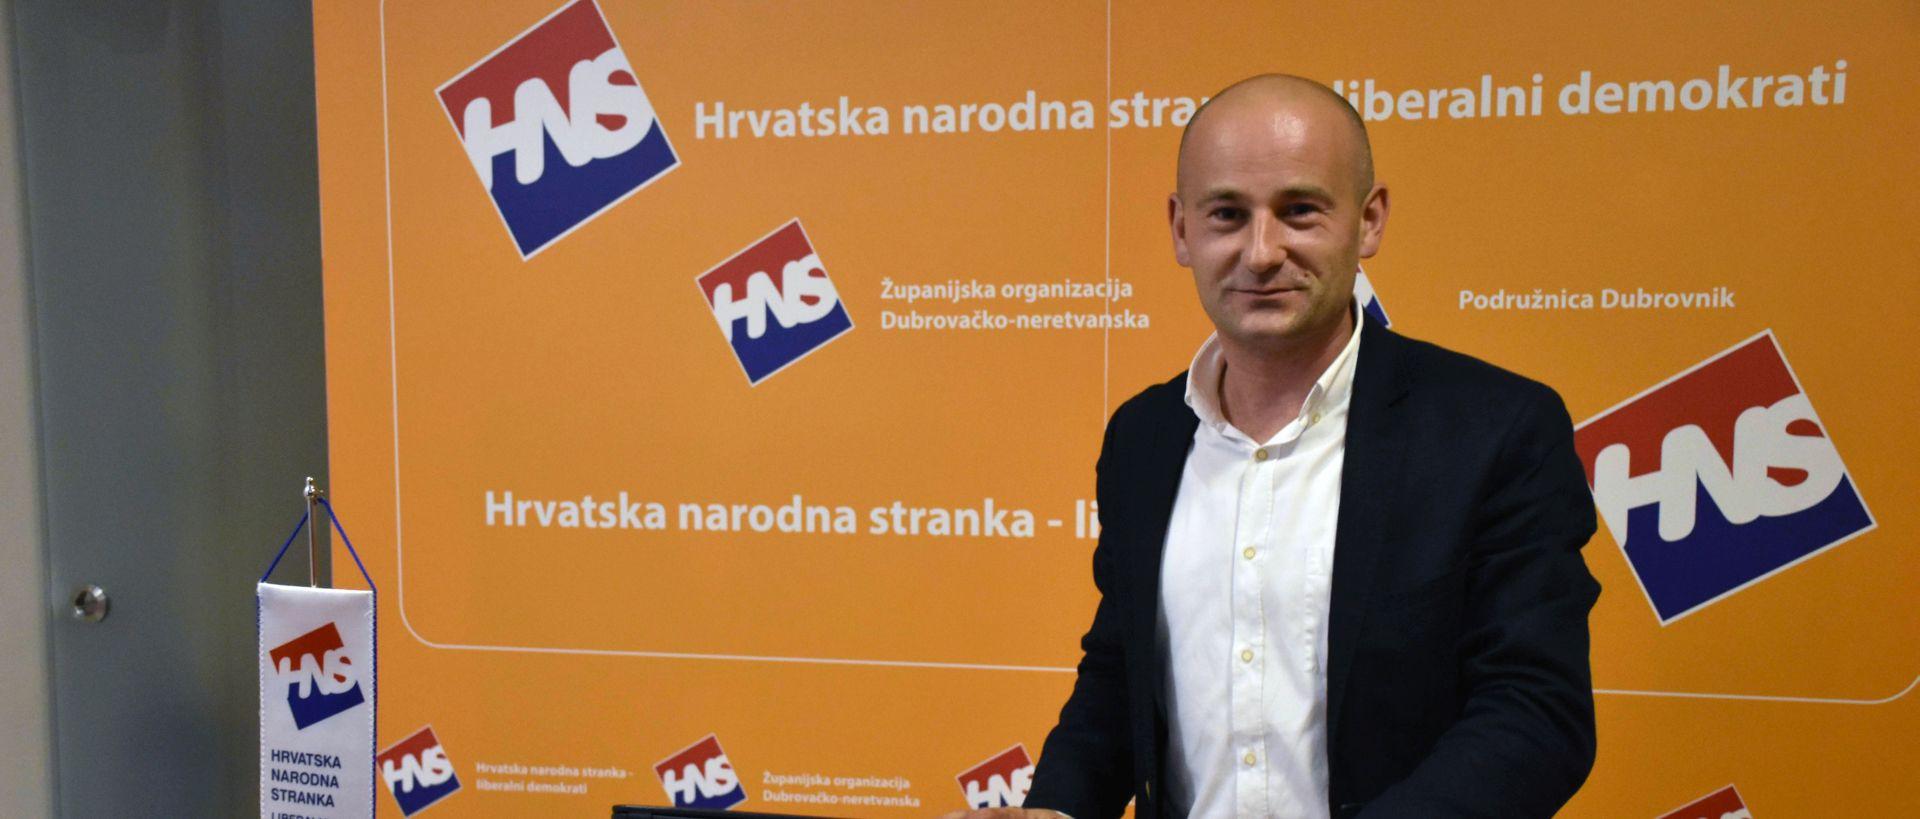 DUJMOVIĆ 'Nikome nego meni nije bilo teže glasovati za koaliciju s HDZ-om'